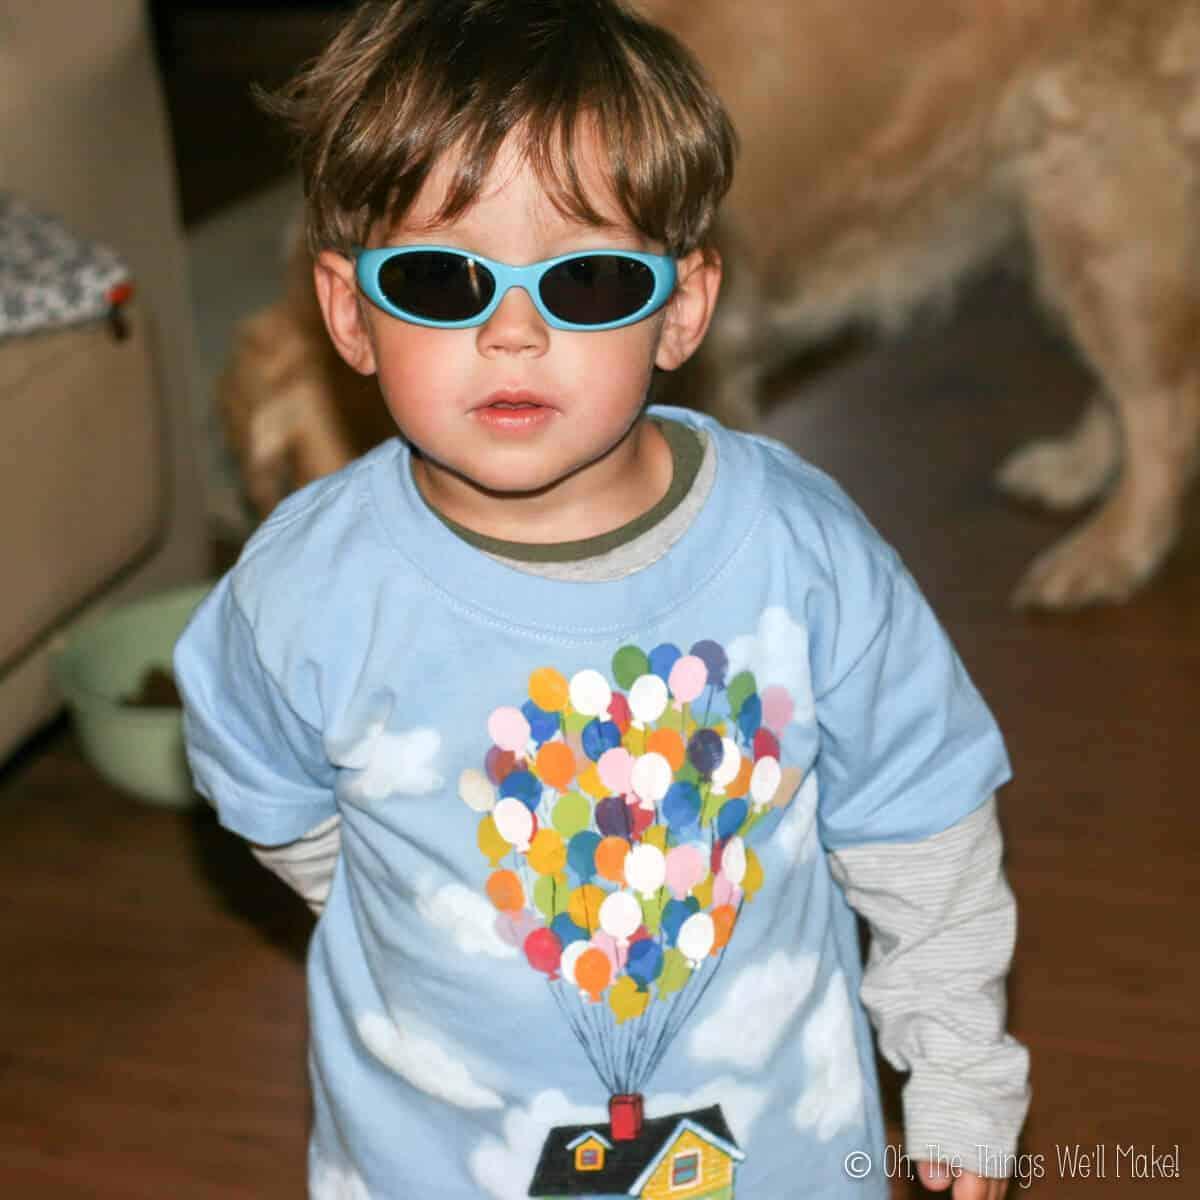 Boy wearing homemade Up balloons t-shirt